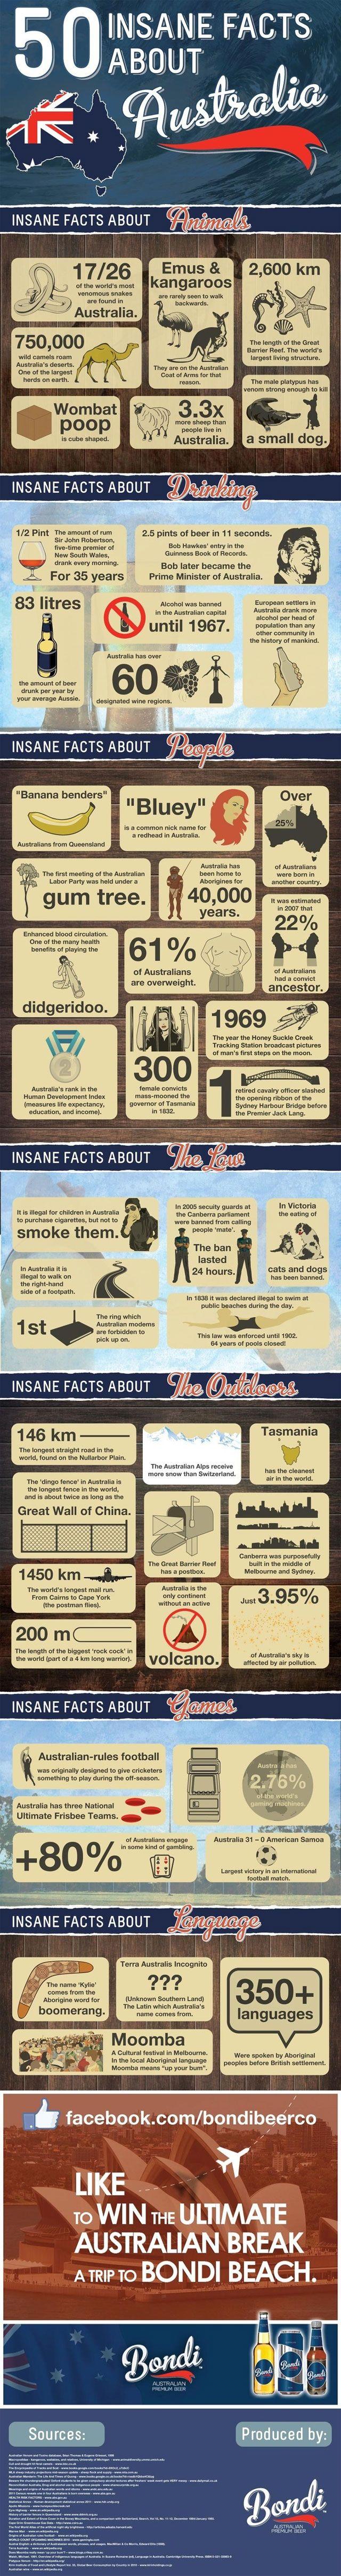 Ah, l'Australie, pays du « G'day mate ! », des animaux mortels, de l'outback et des kangourous. Vous voulez en savoir plus sans bouger de votre chaise ? Suivez le guide !